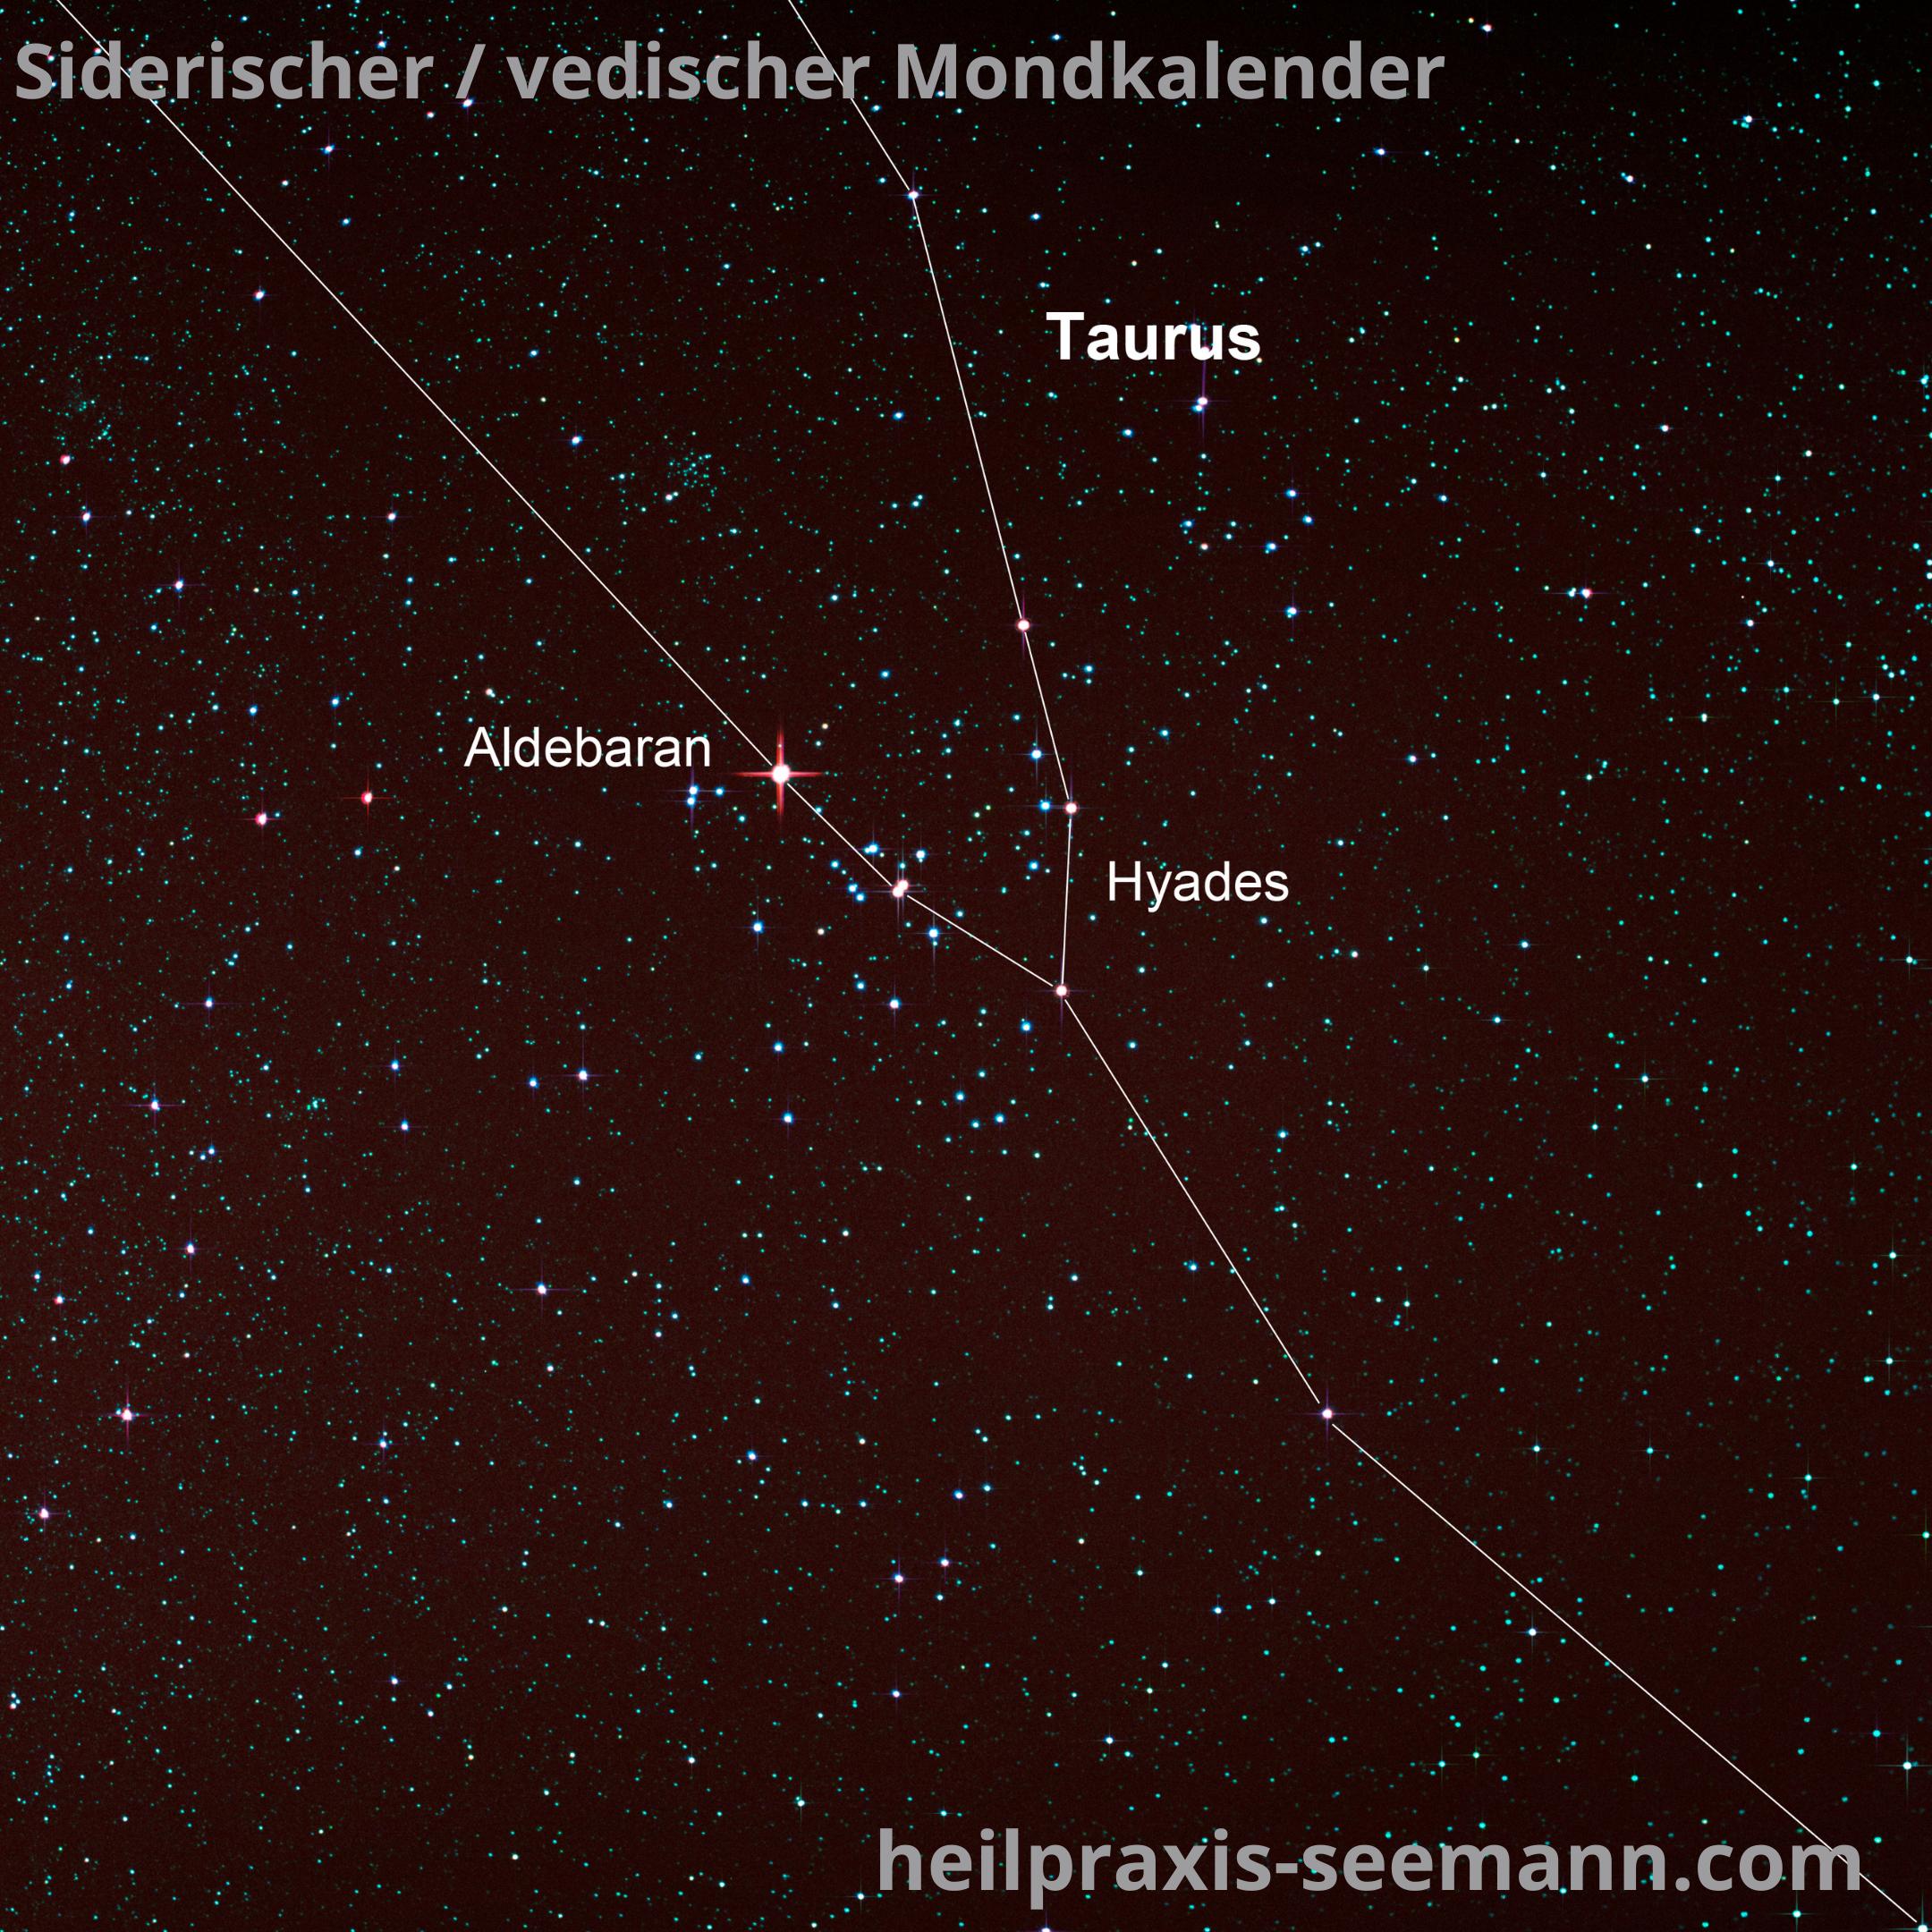 Siderische Mondkalender Neumond (1)